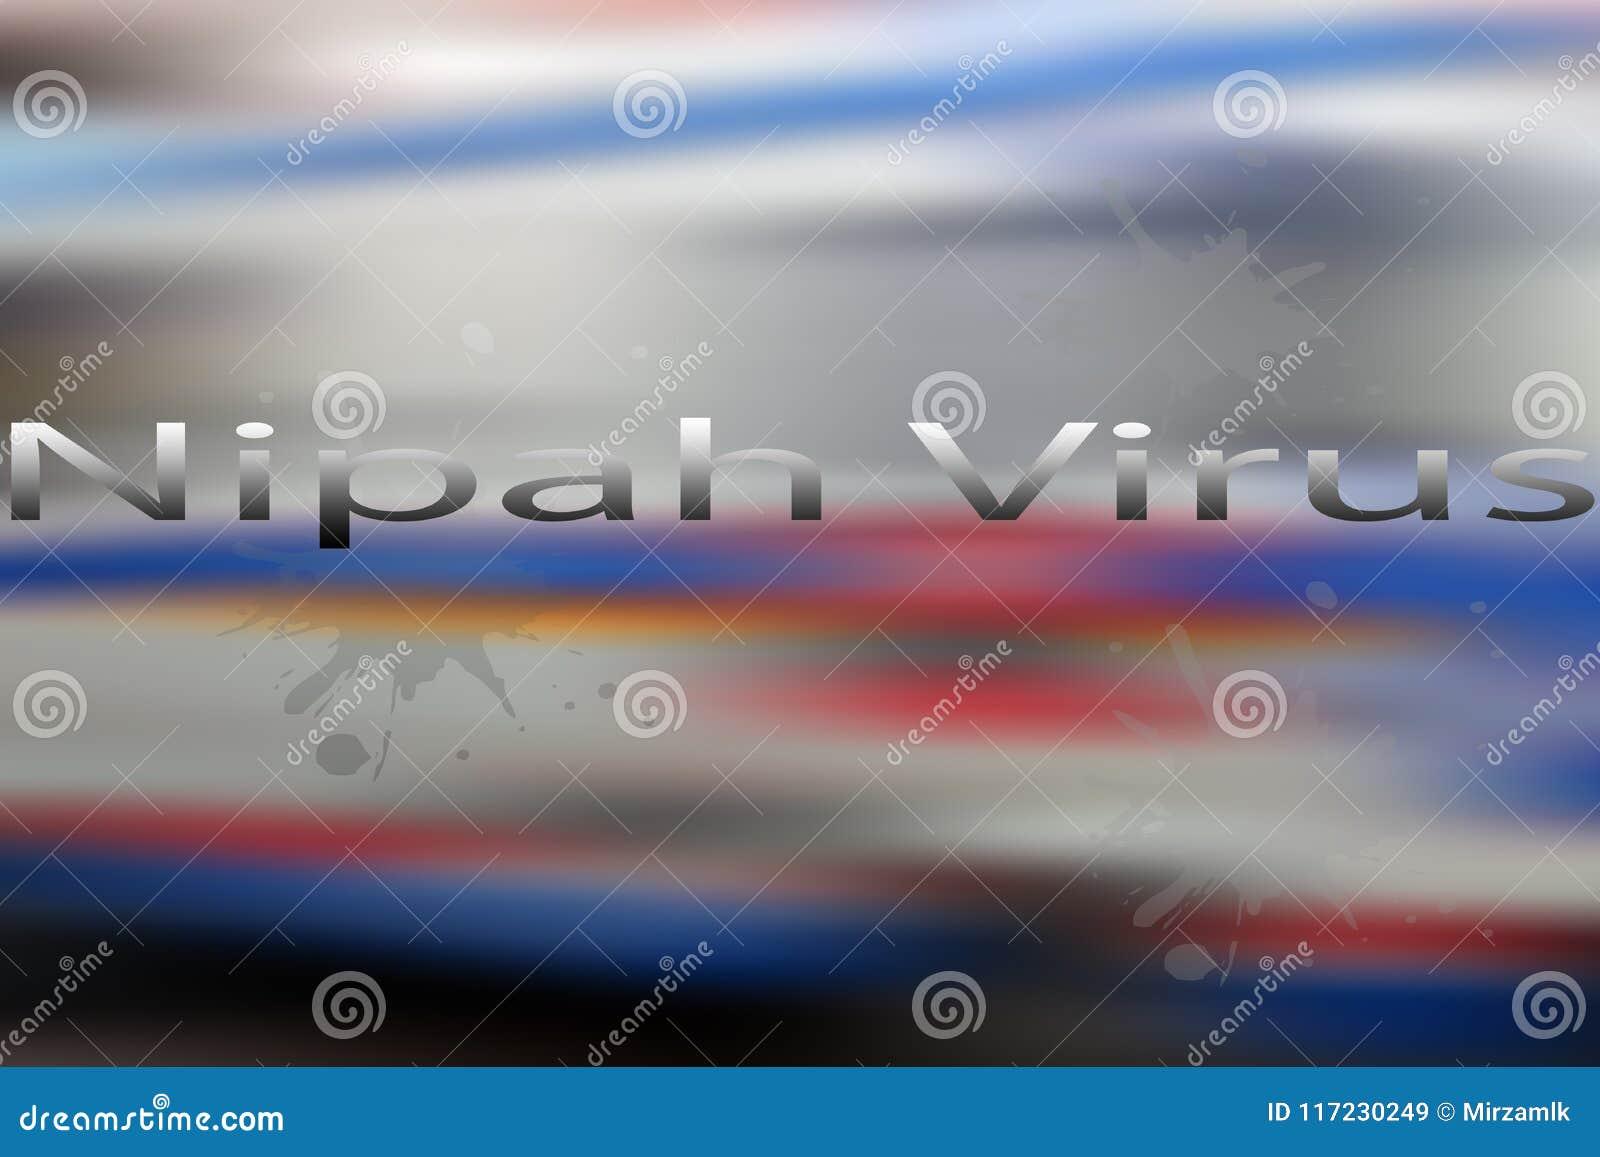 Awarness вируса Nipah